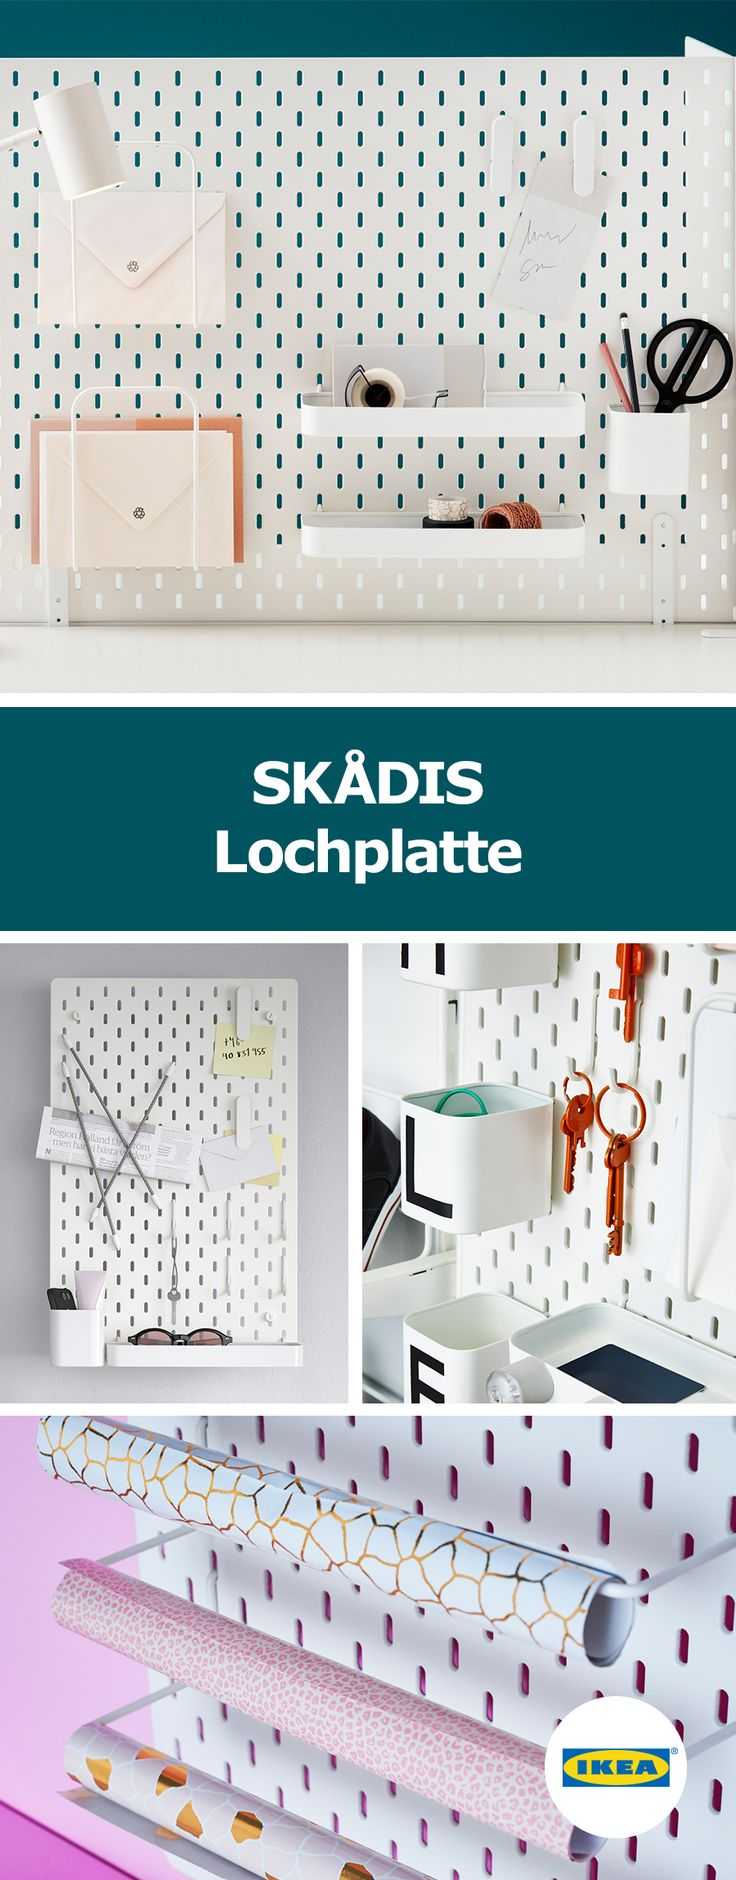 152 besten ikea deko bilder auf pinterest. Black Bedroom Furniture Sets. Home Design Ideas